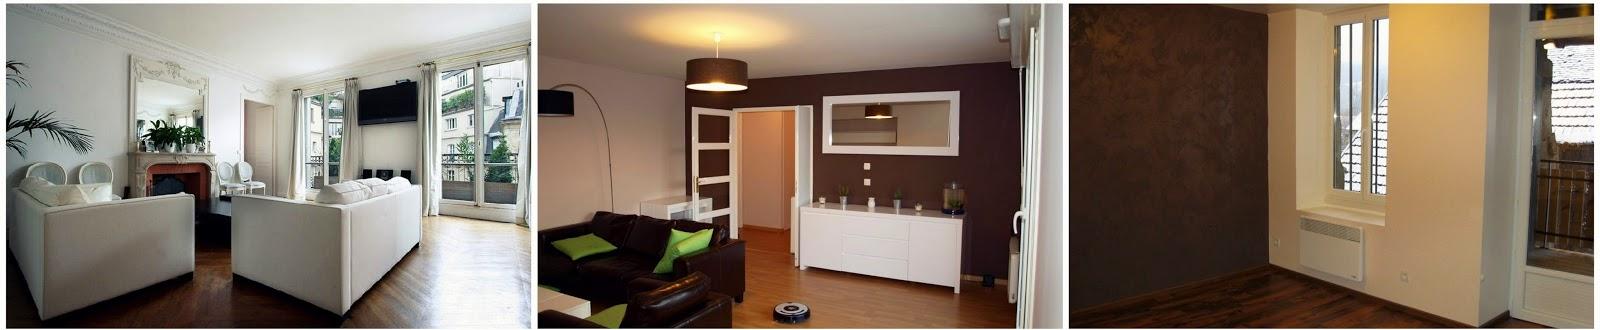 travaux peintre immobilier peintre professionnel cesu. Black Bedroom Furniture Sets. Home Design Ideas